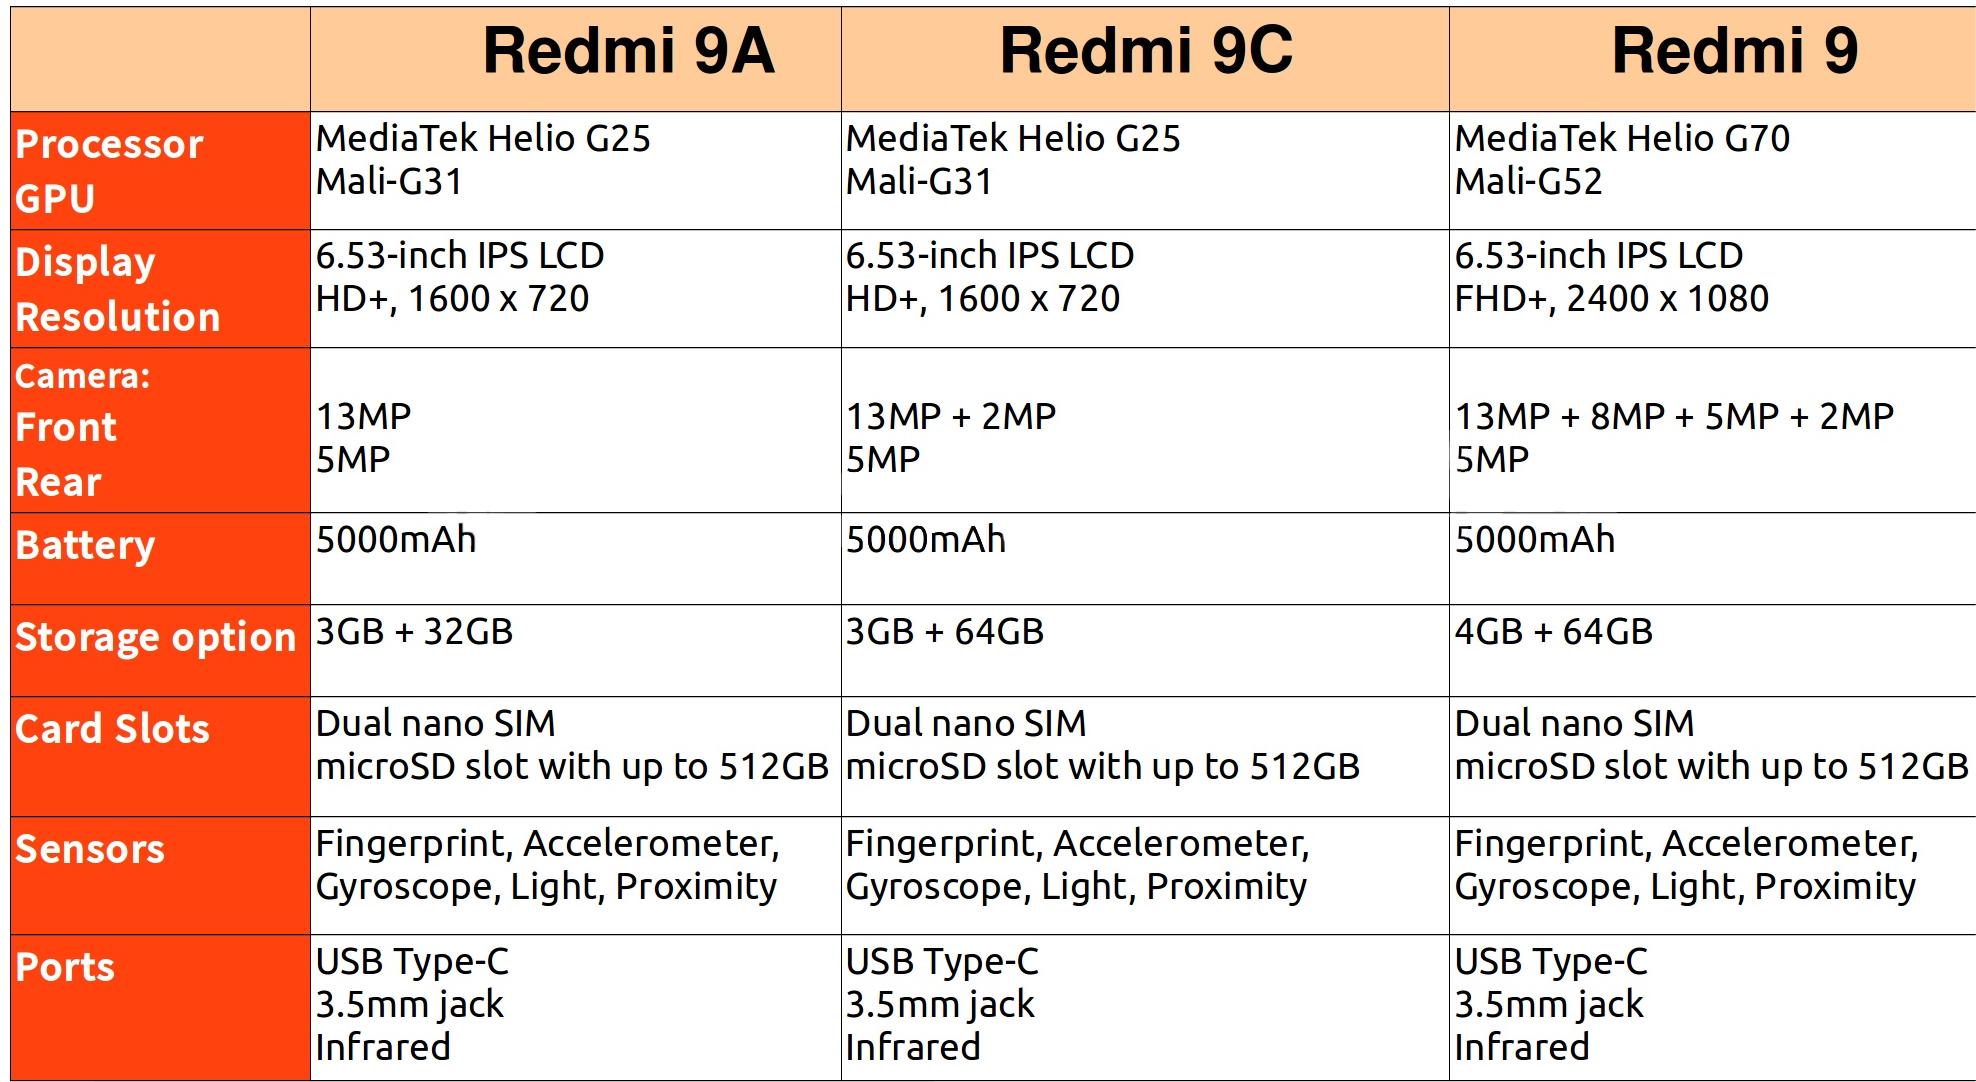 Redmi 9 özellikleri: 6.53 inç ekran, Helio G70 işlemci